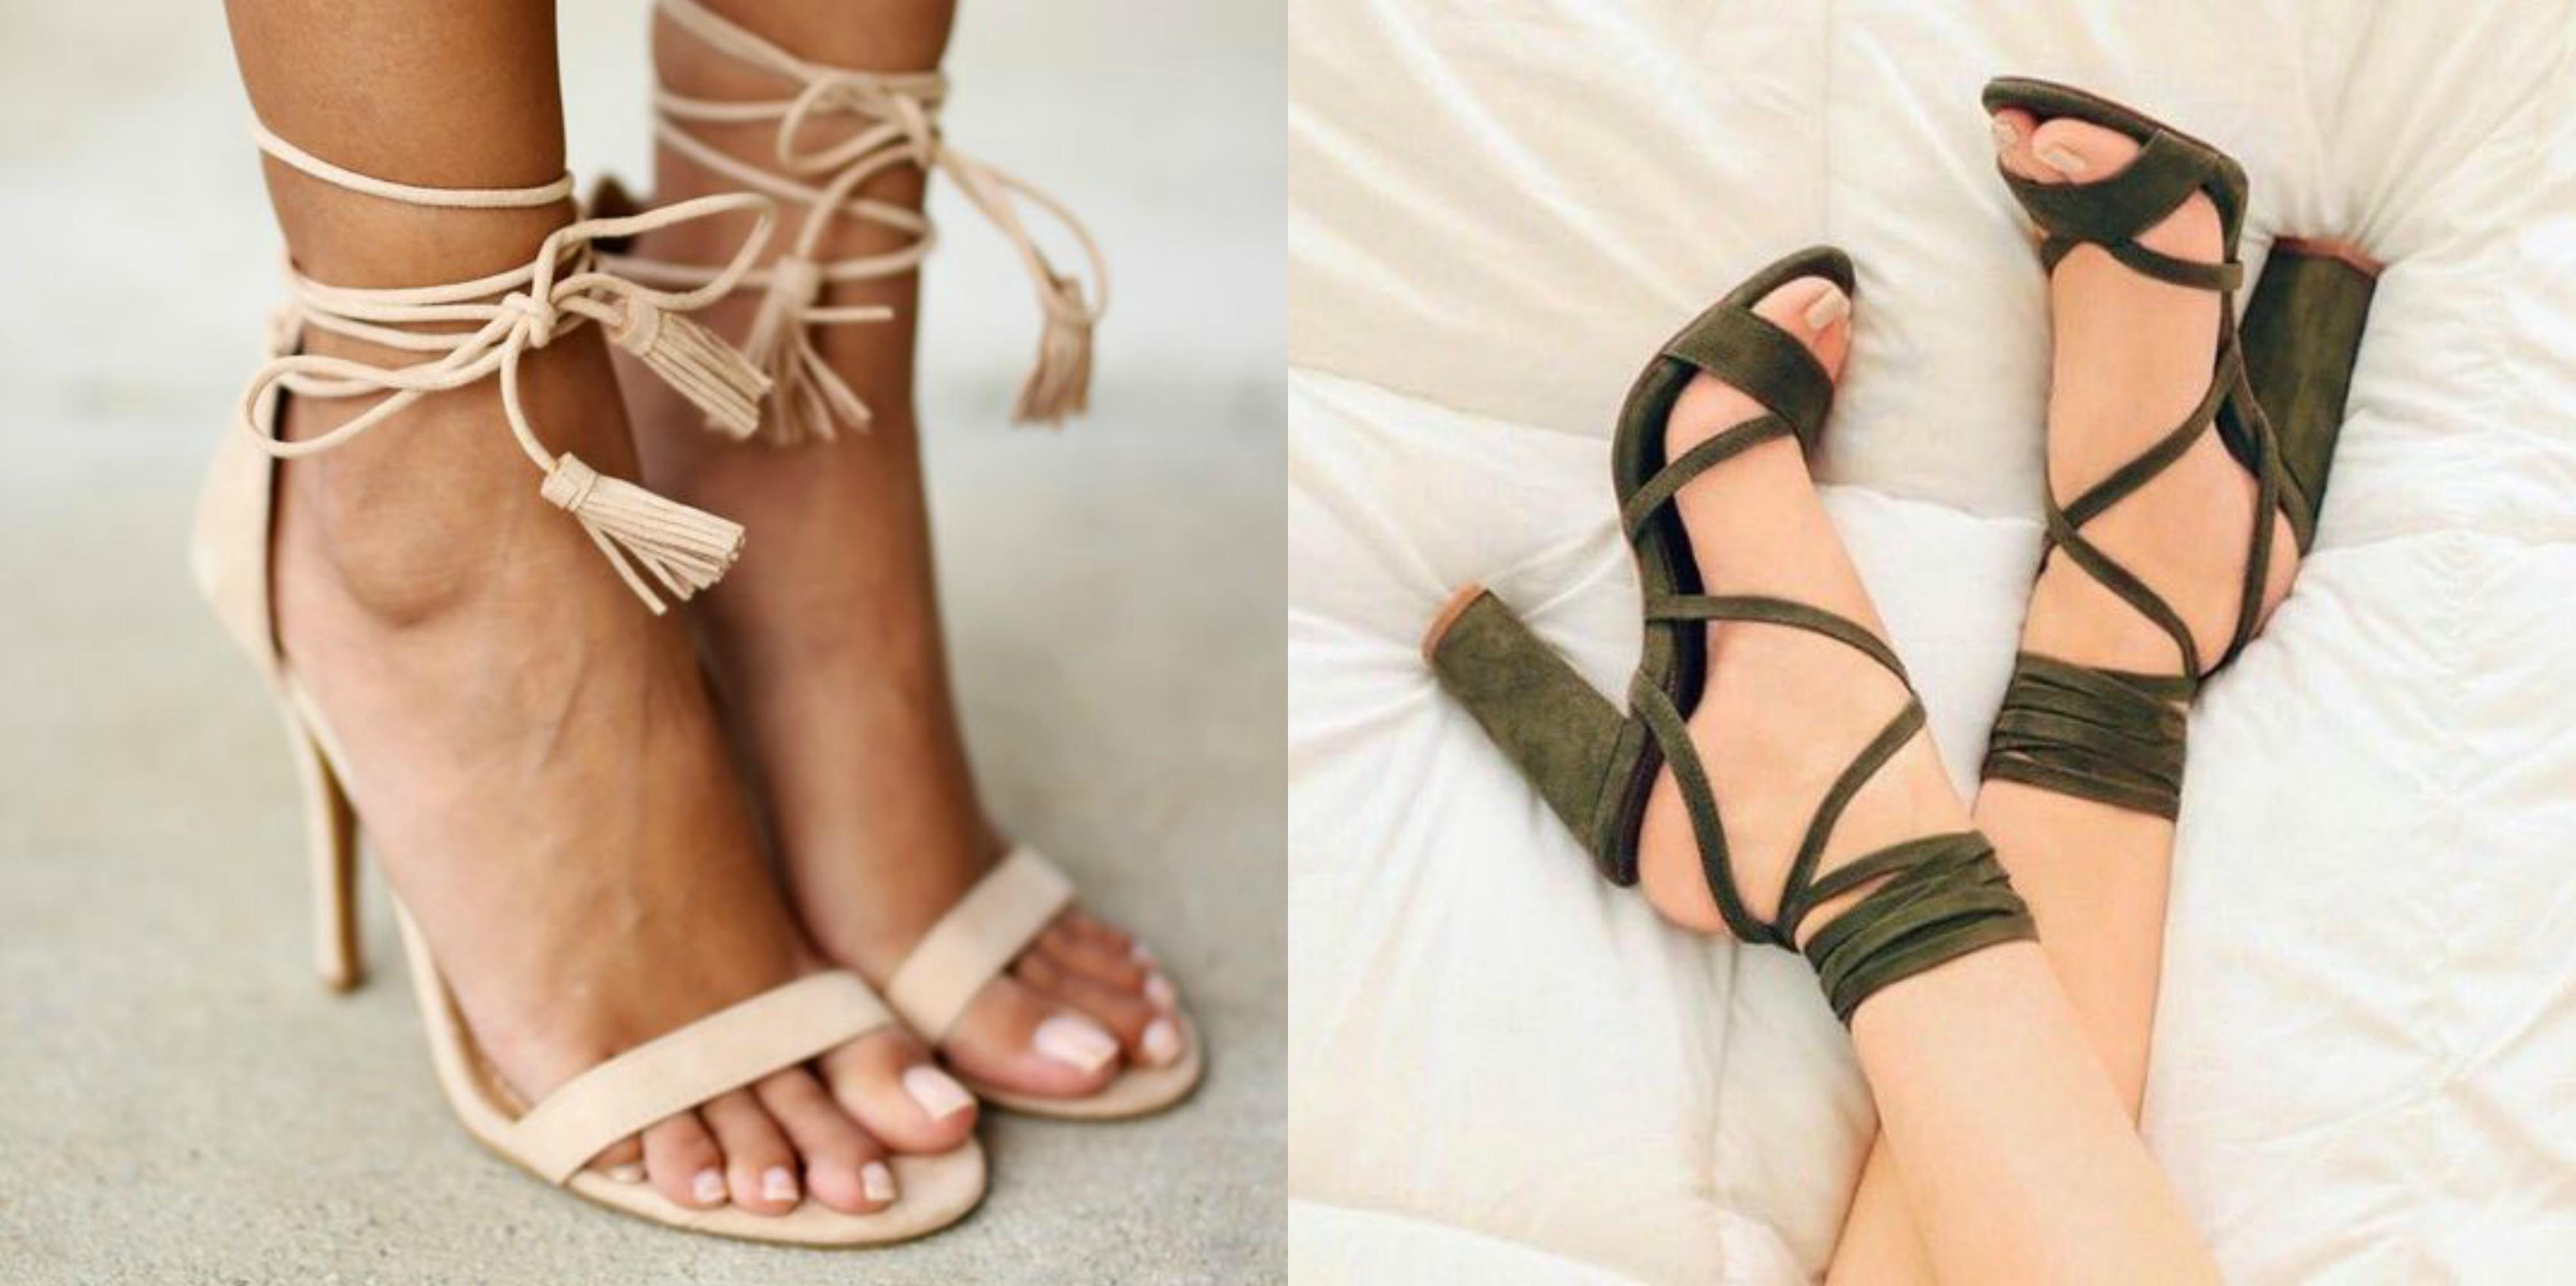 亚洲人普遍都是埃及脚.脚趾长度依次变短.